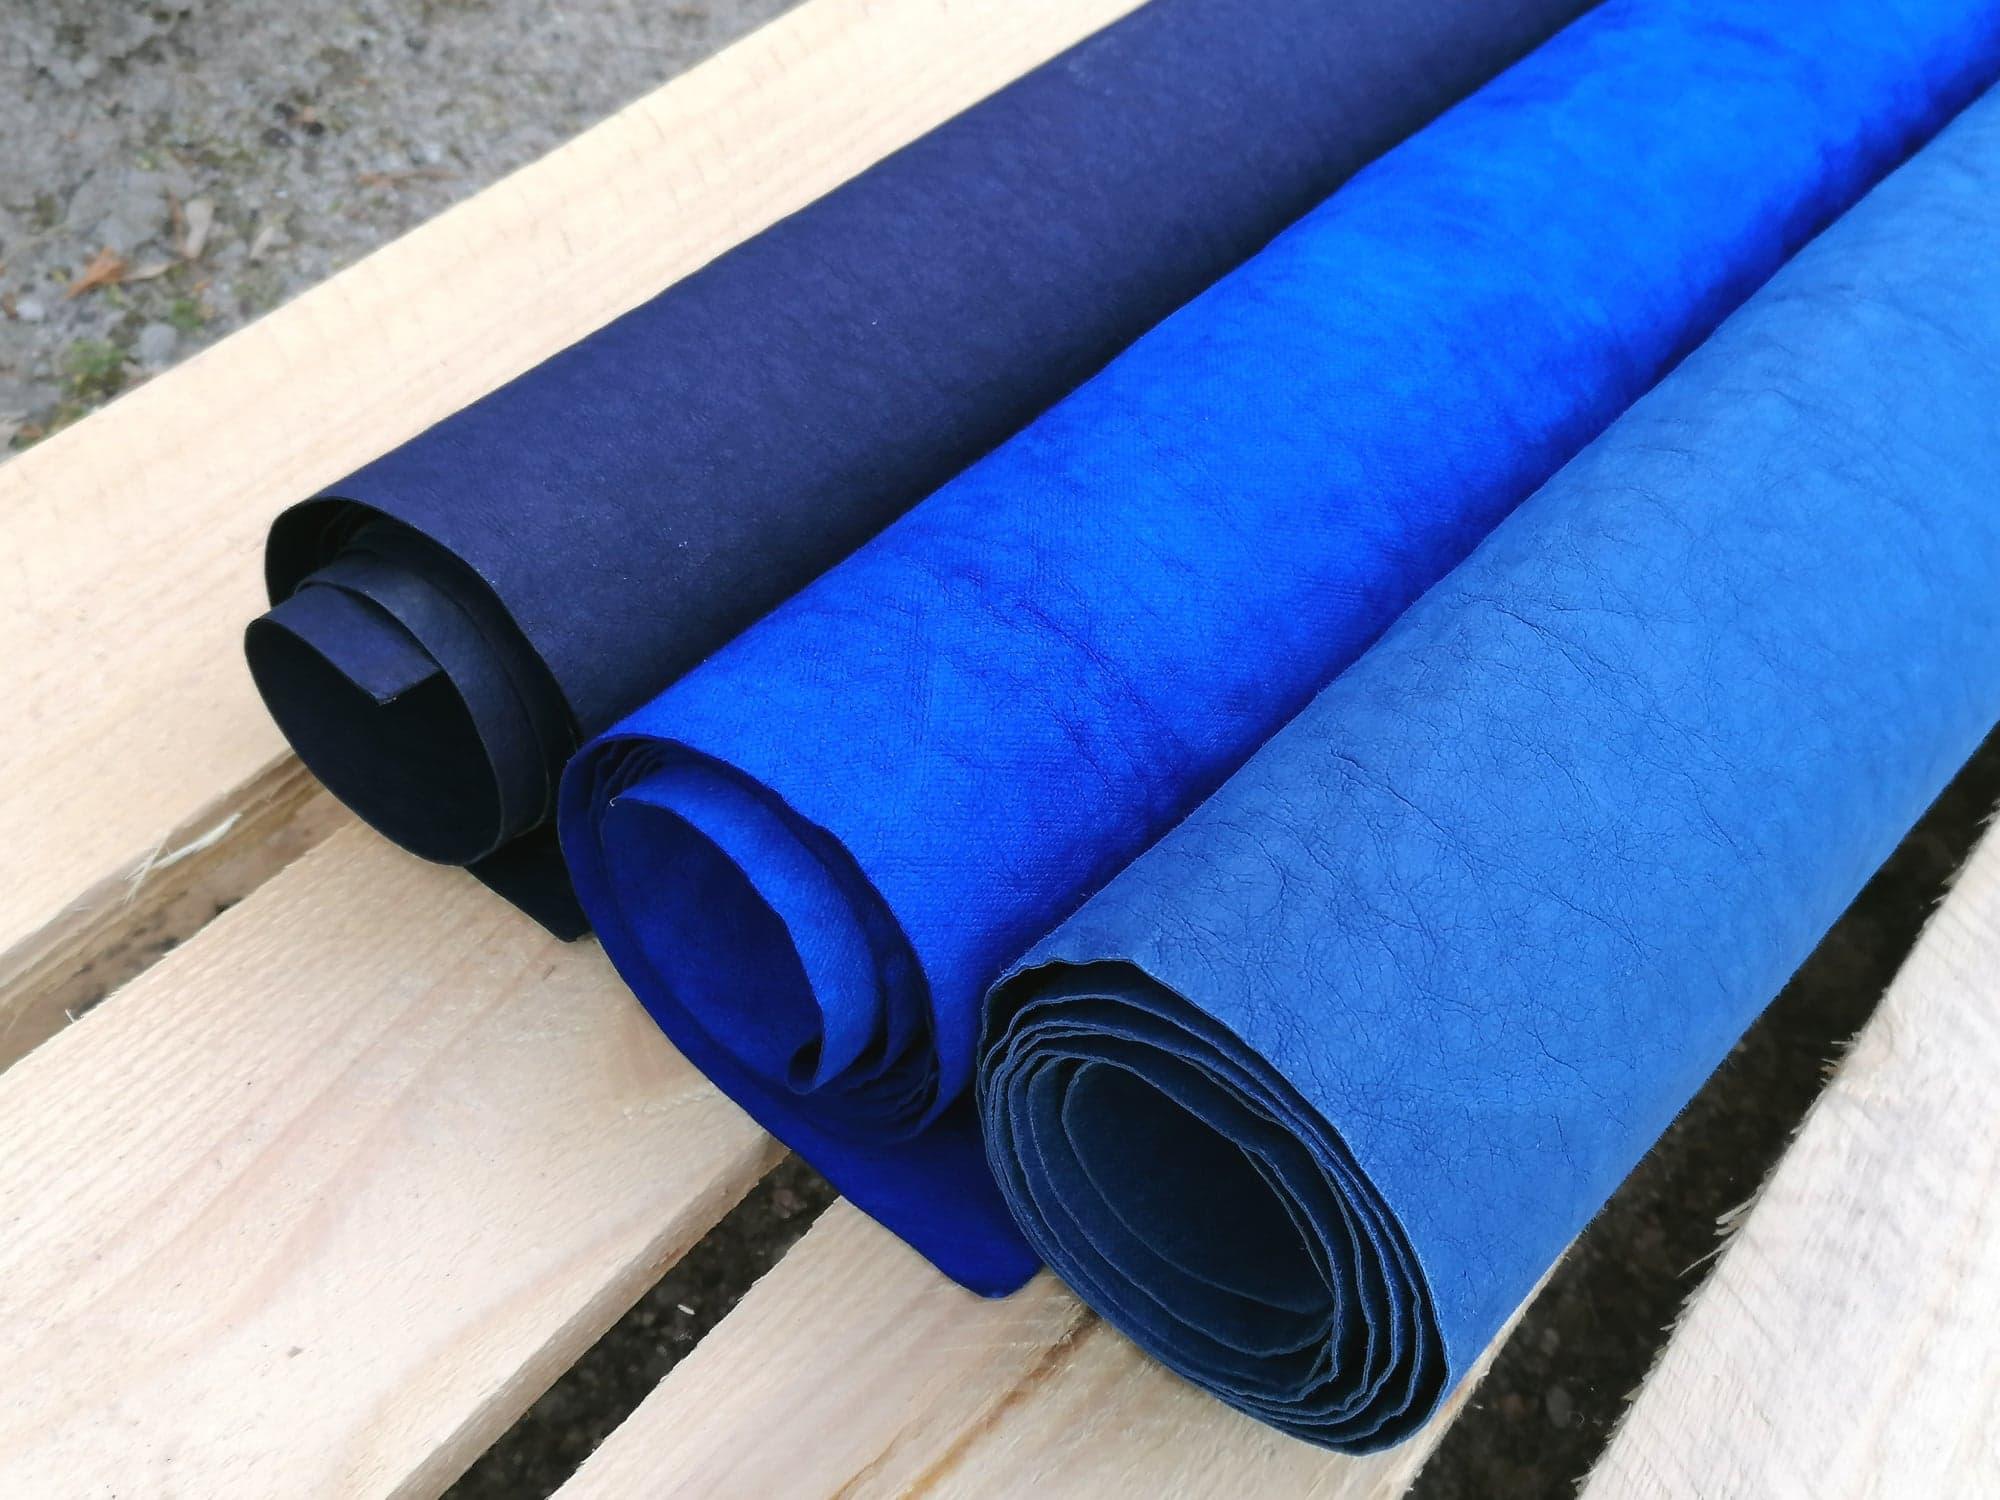 farbowanie washpapy według pantone - sklep Alternative Textiles